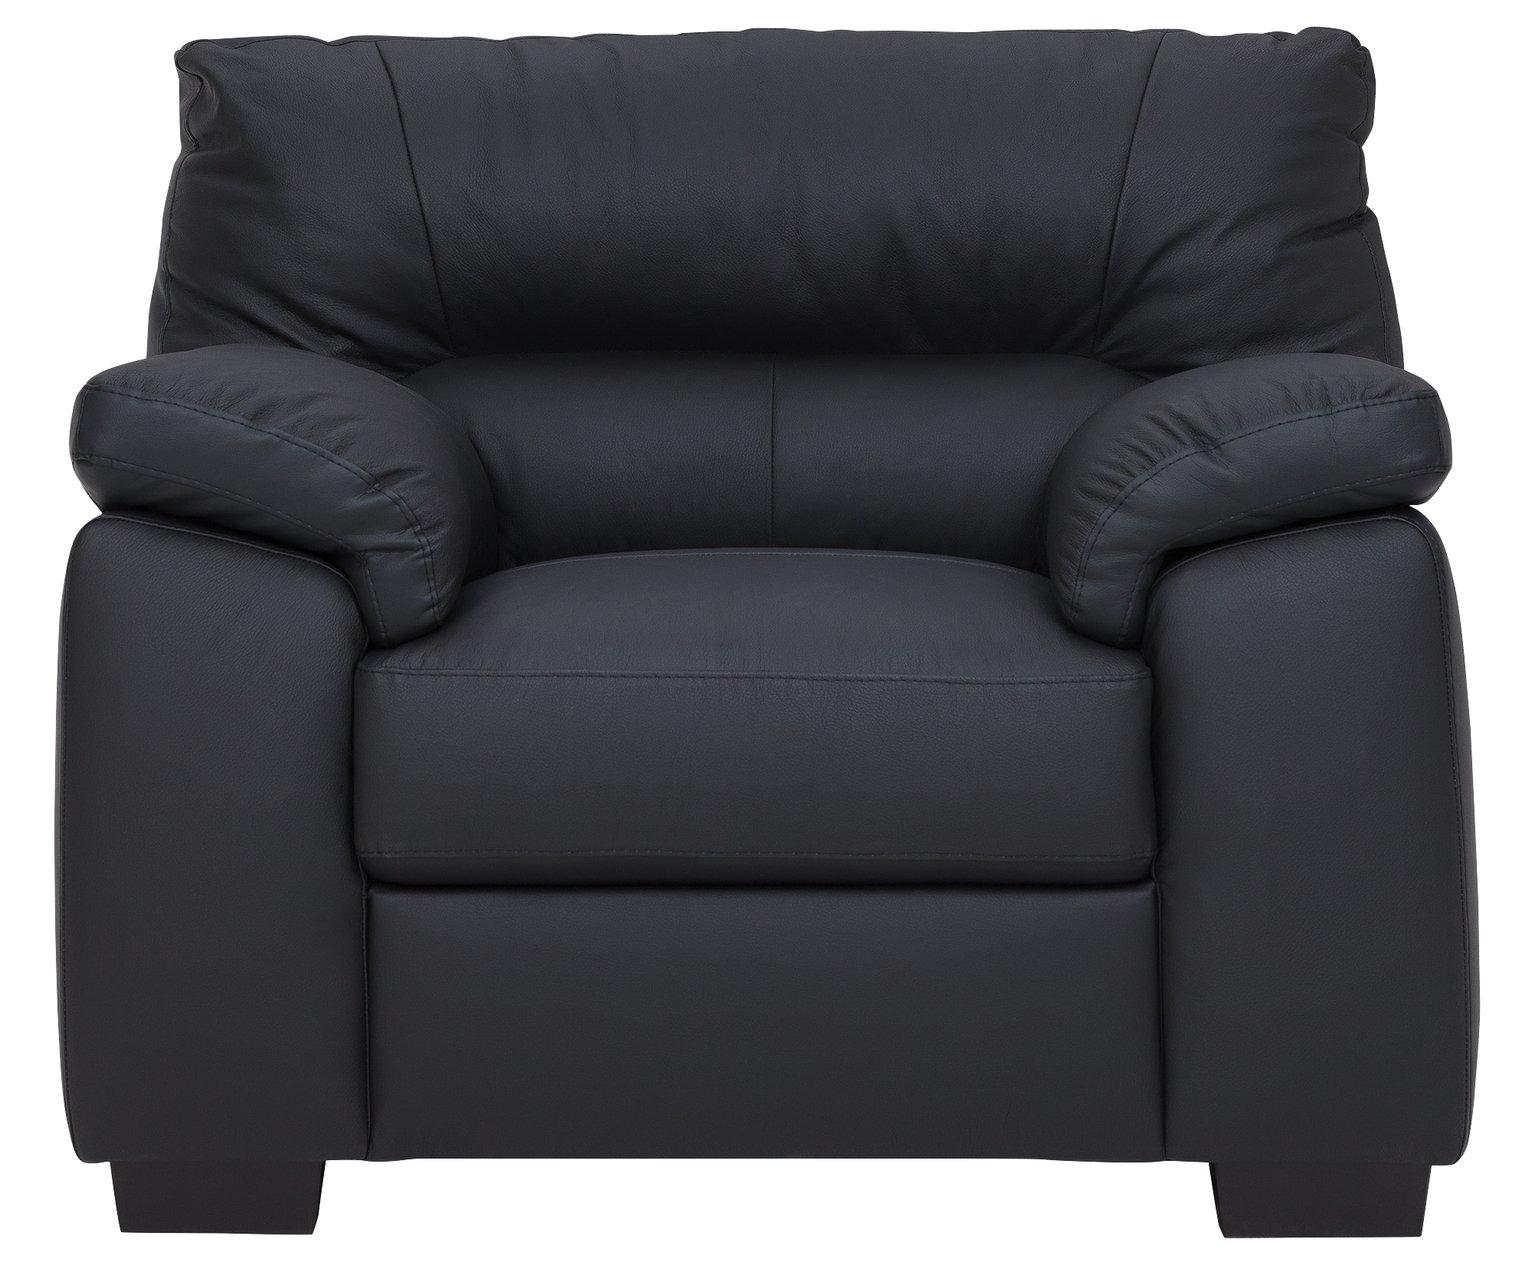 Argos Home Piacenza Leather Mix Armchair - Black